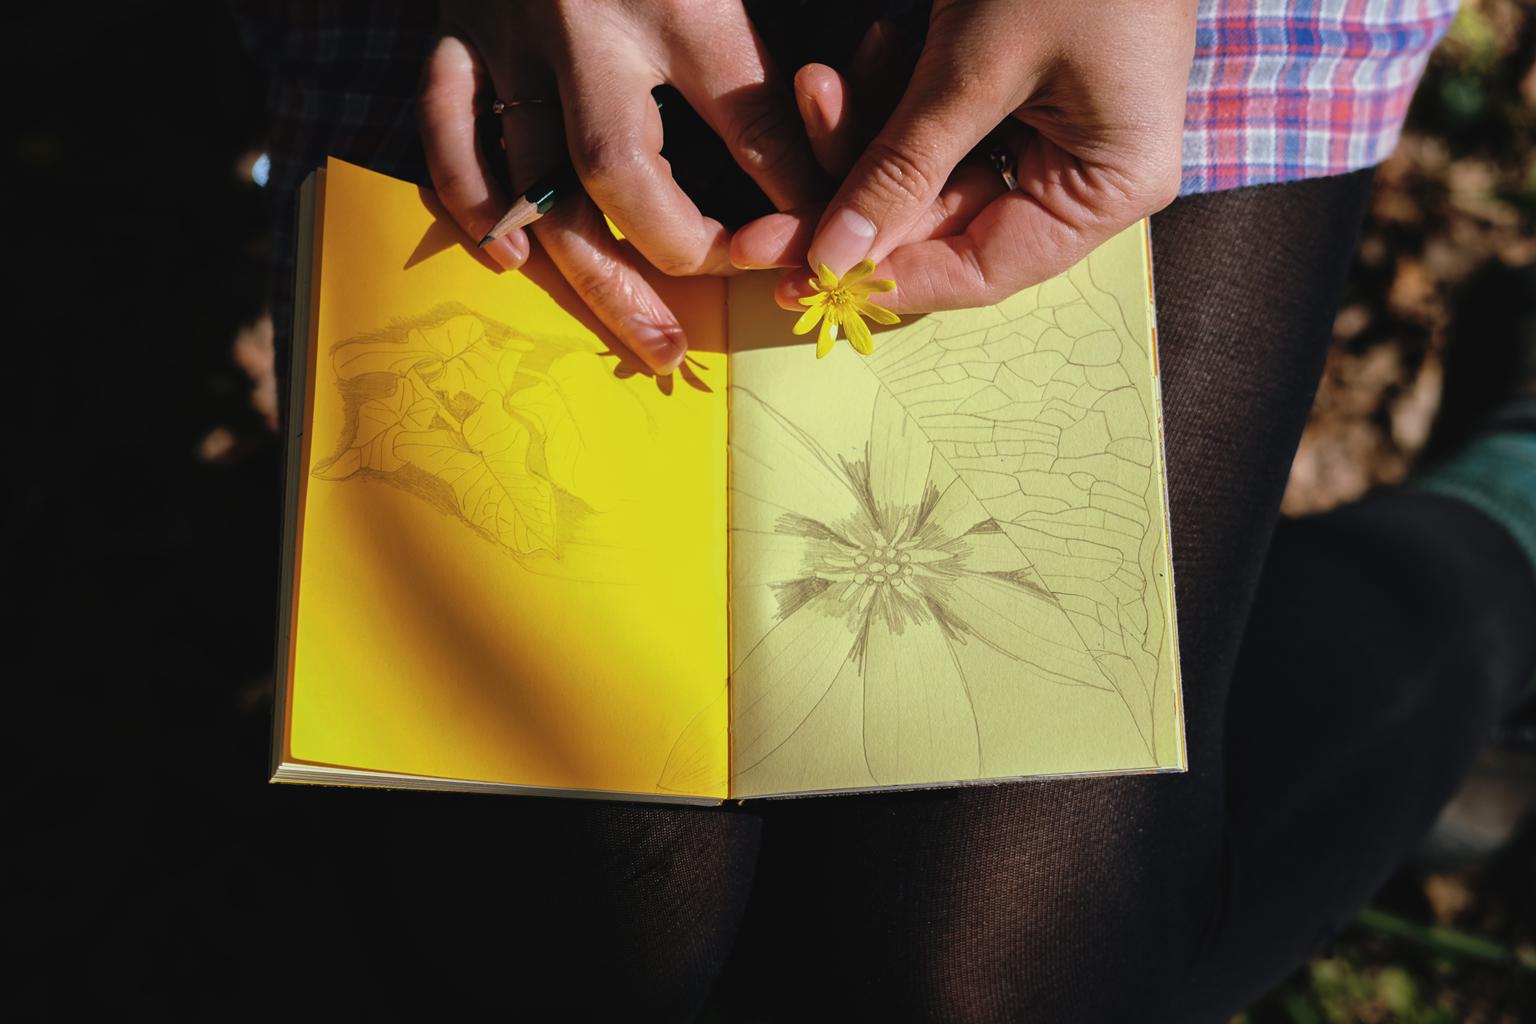 drawn_to_nature_11.jpg